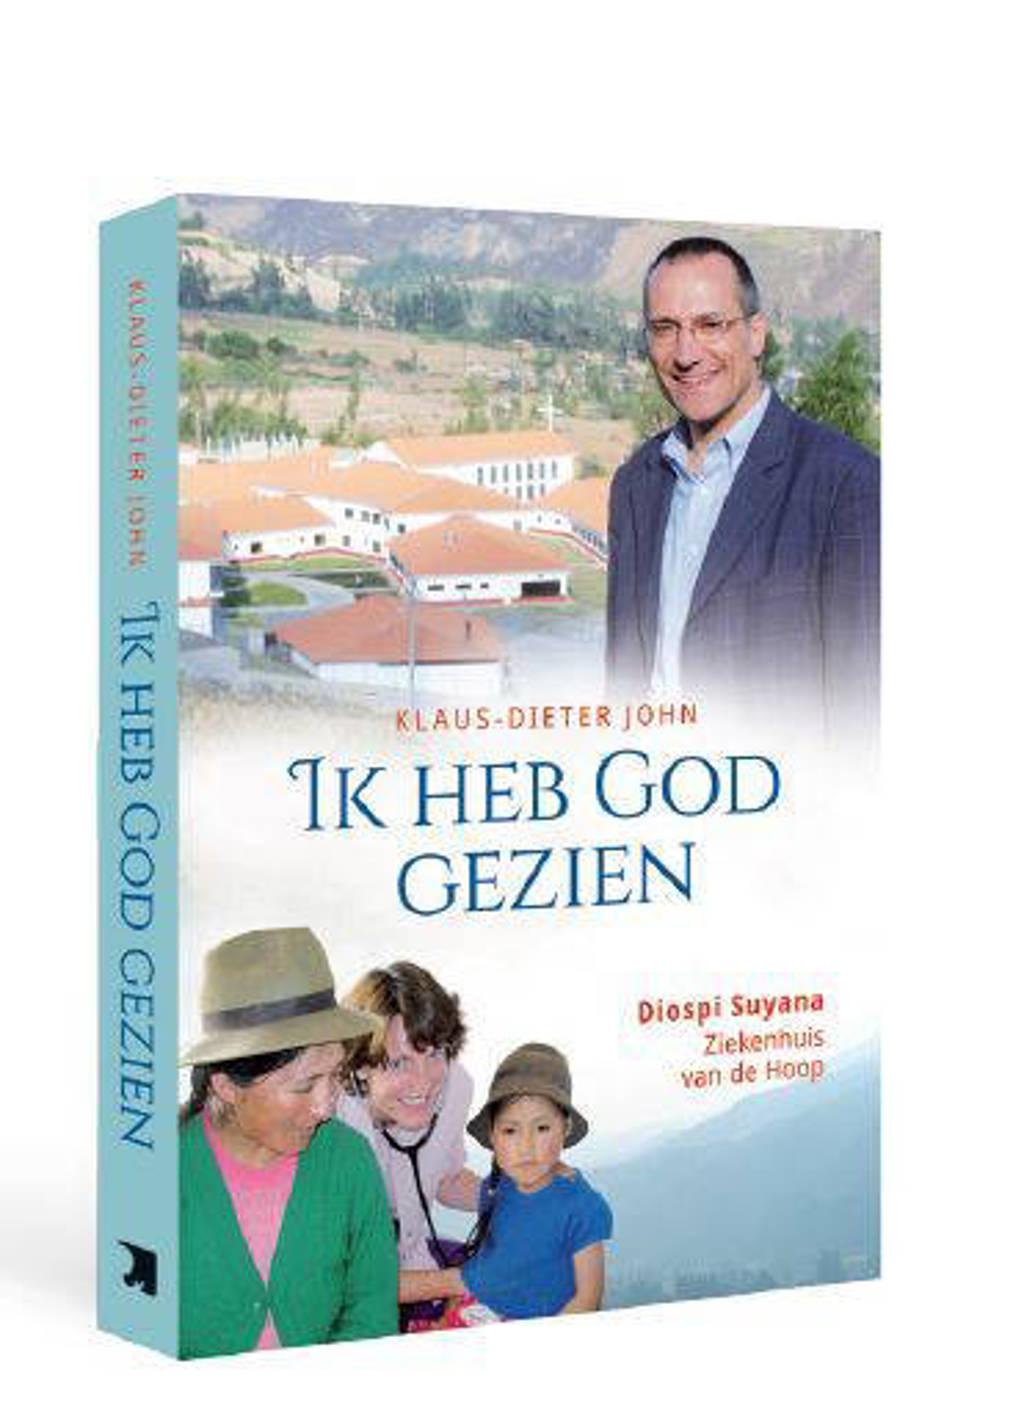 Ik heb God gezien - Klaus Dieter John